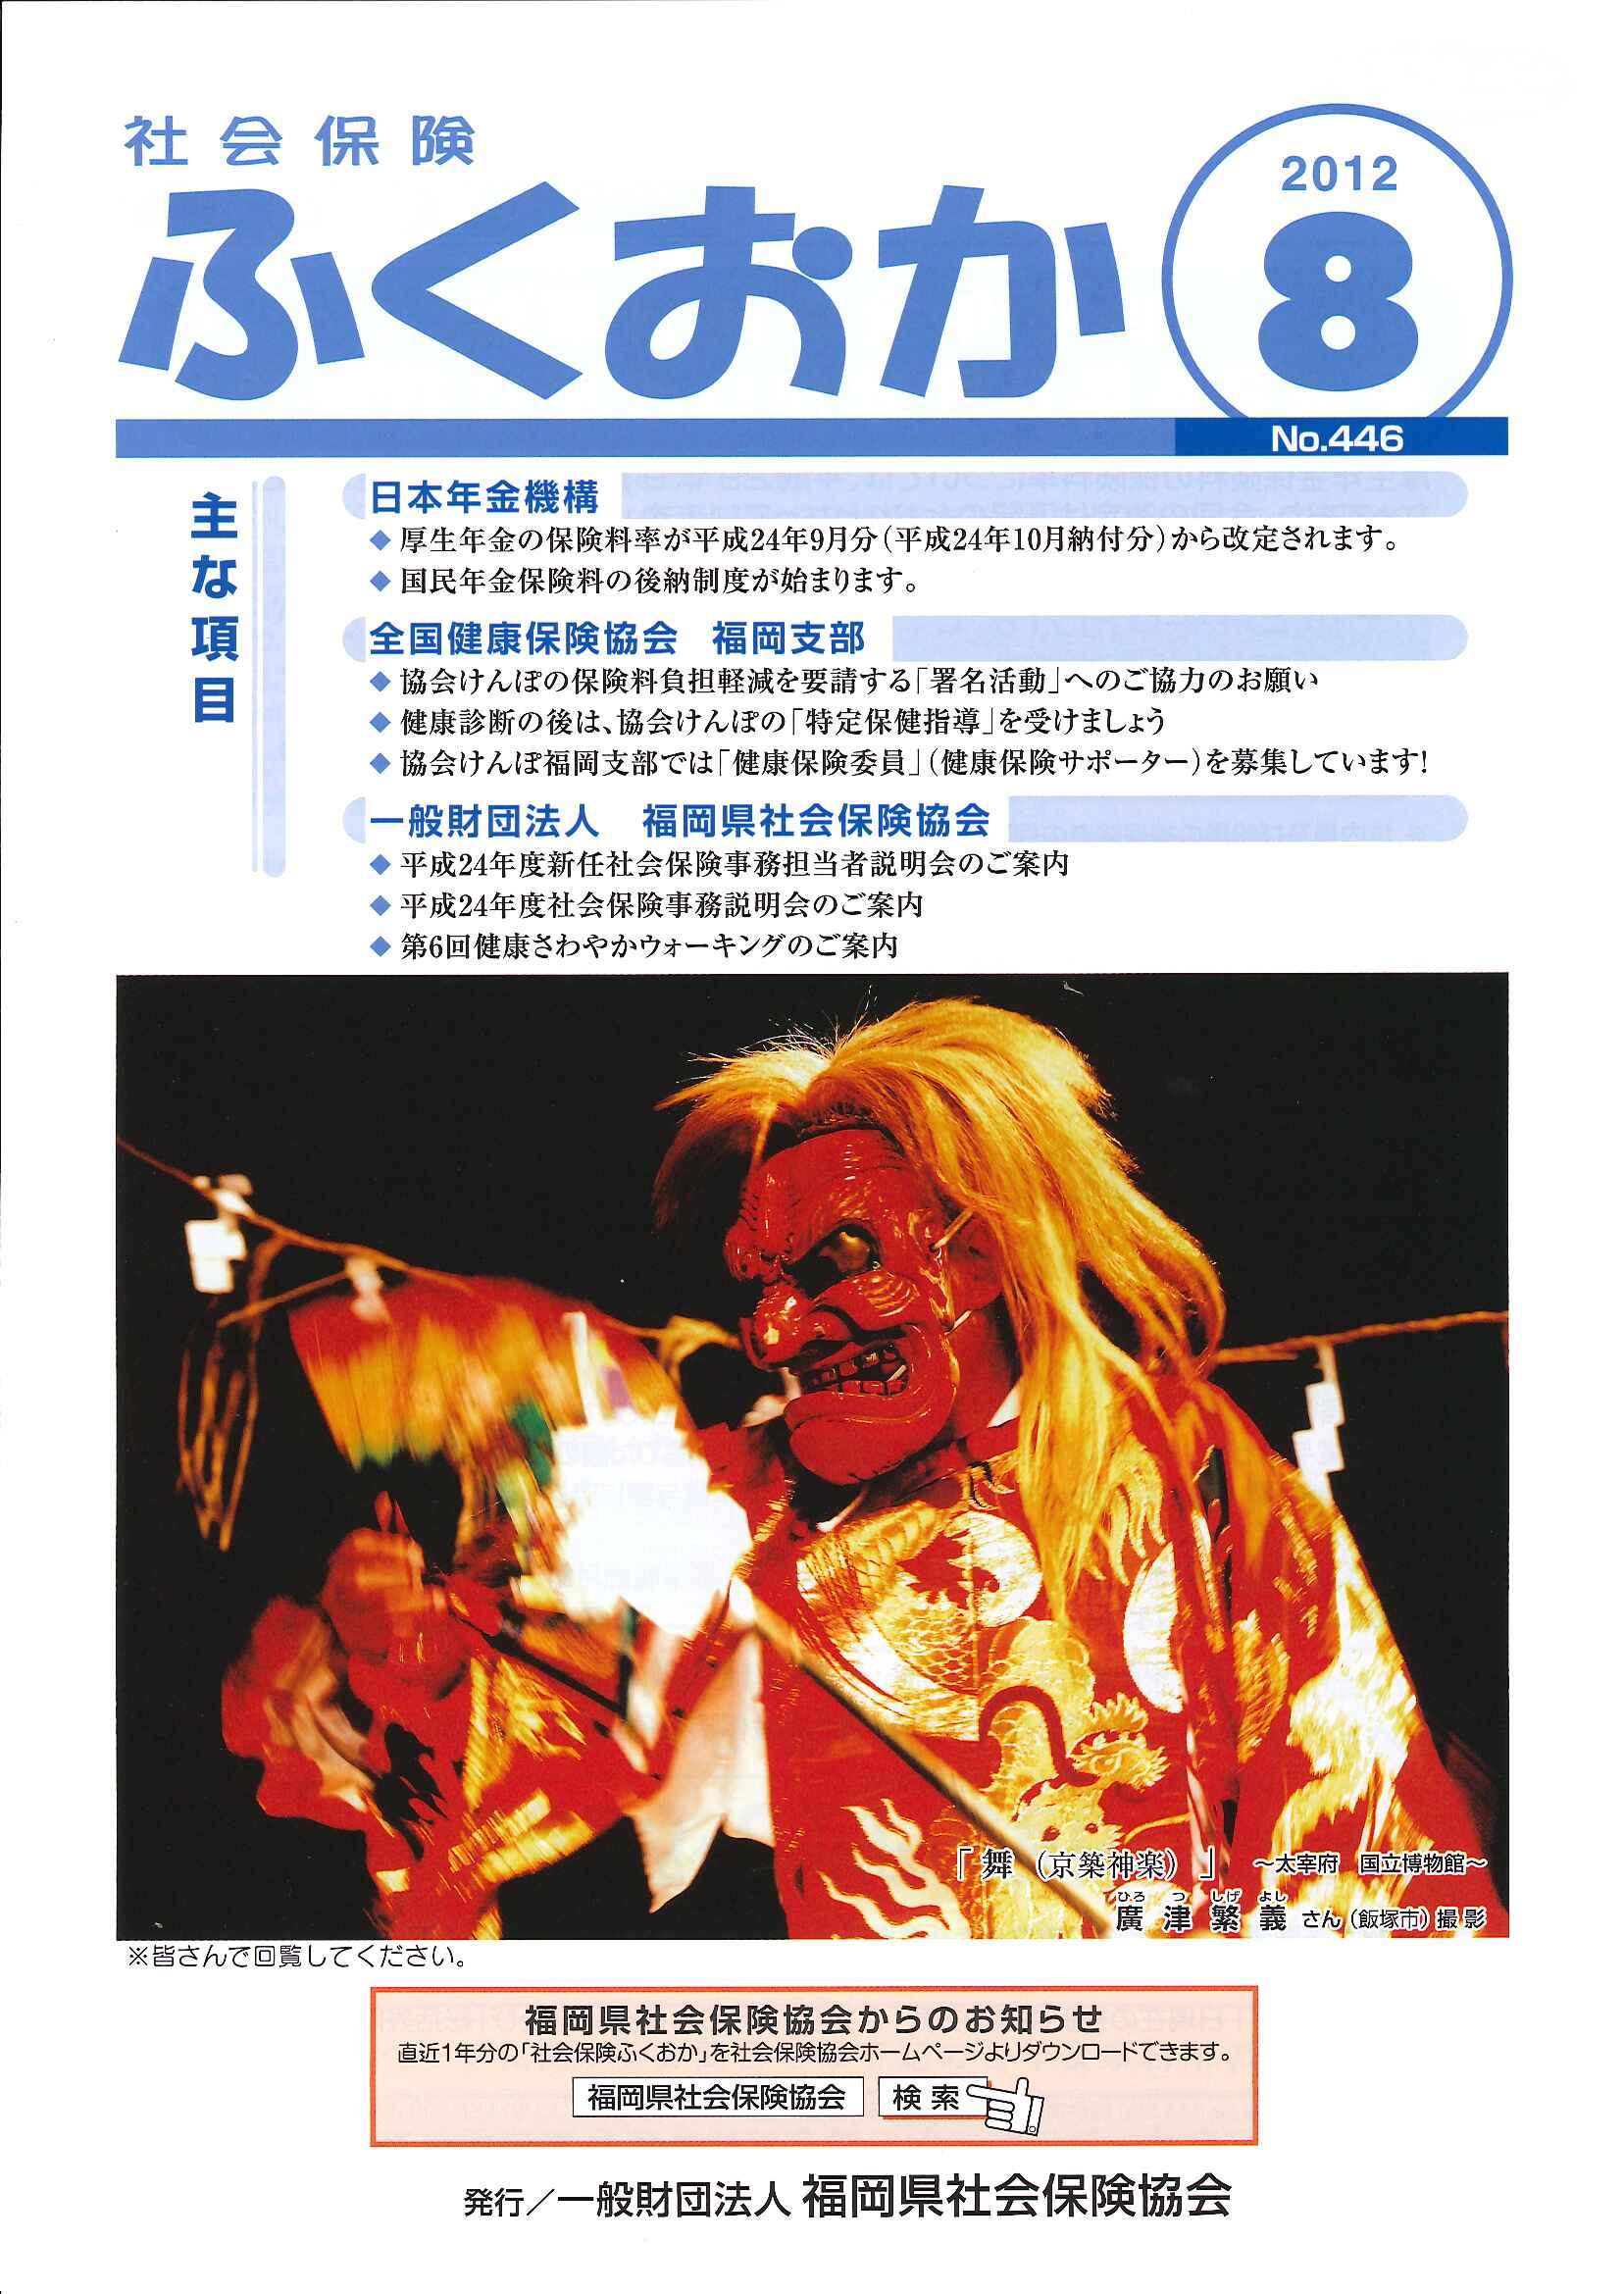 社会保険 ふくおか 2012 8月号_f0120774_14481139.jpg